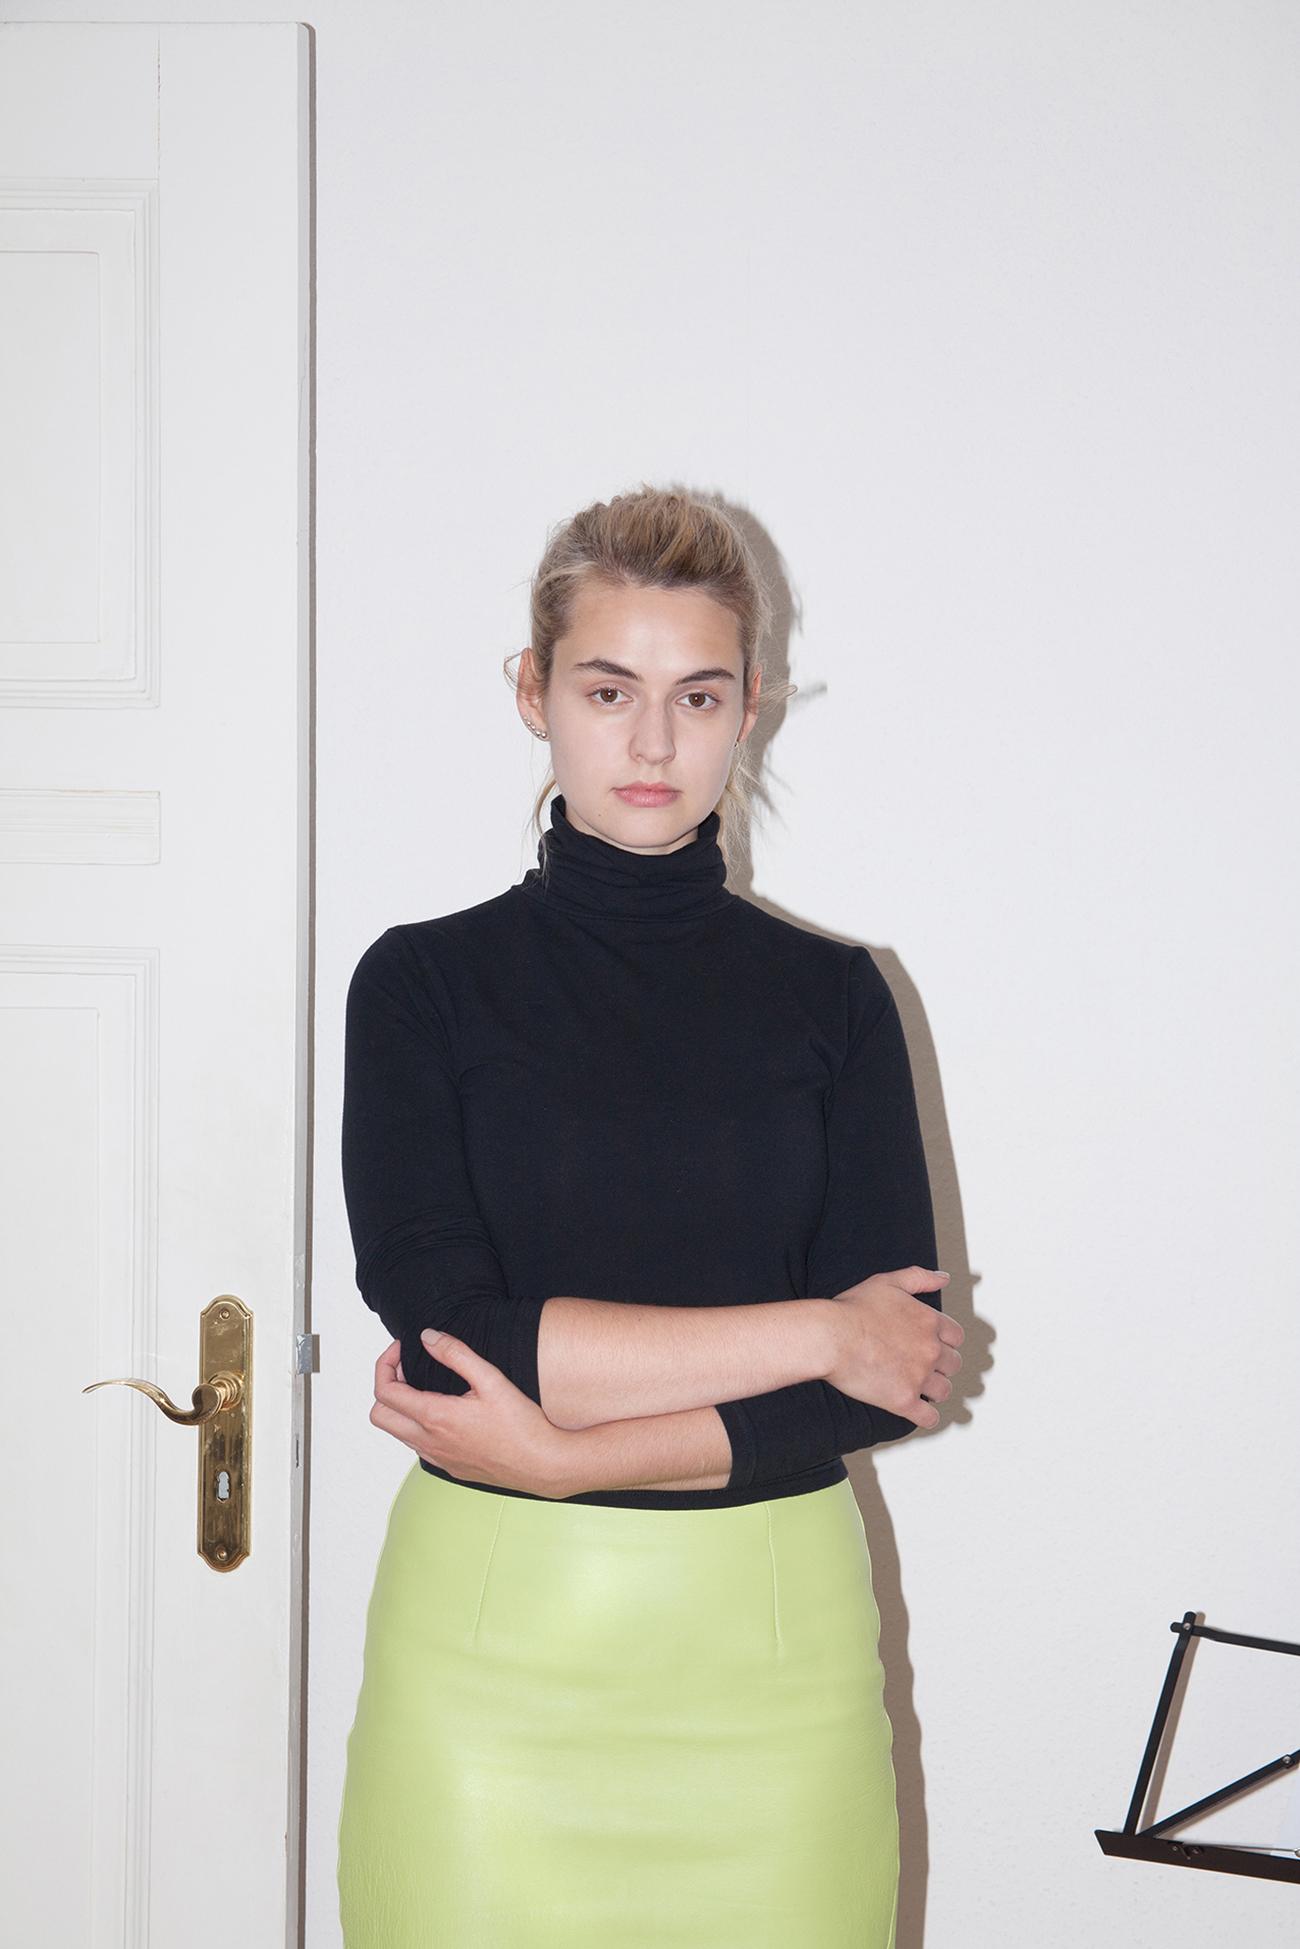 Polina Joffe